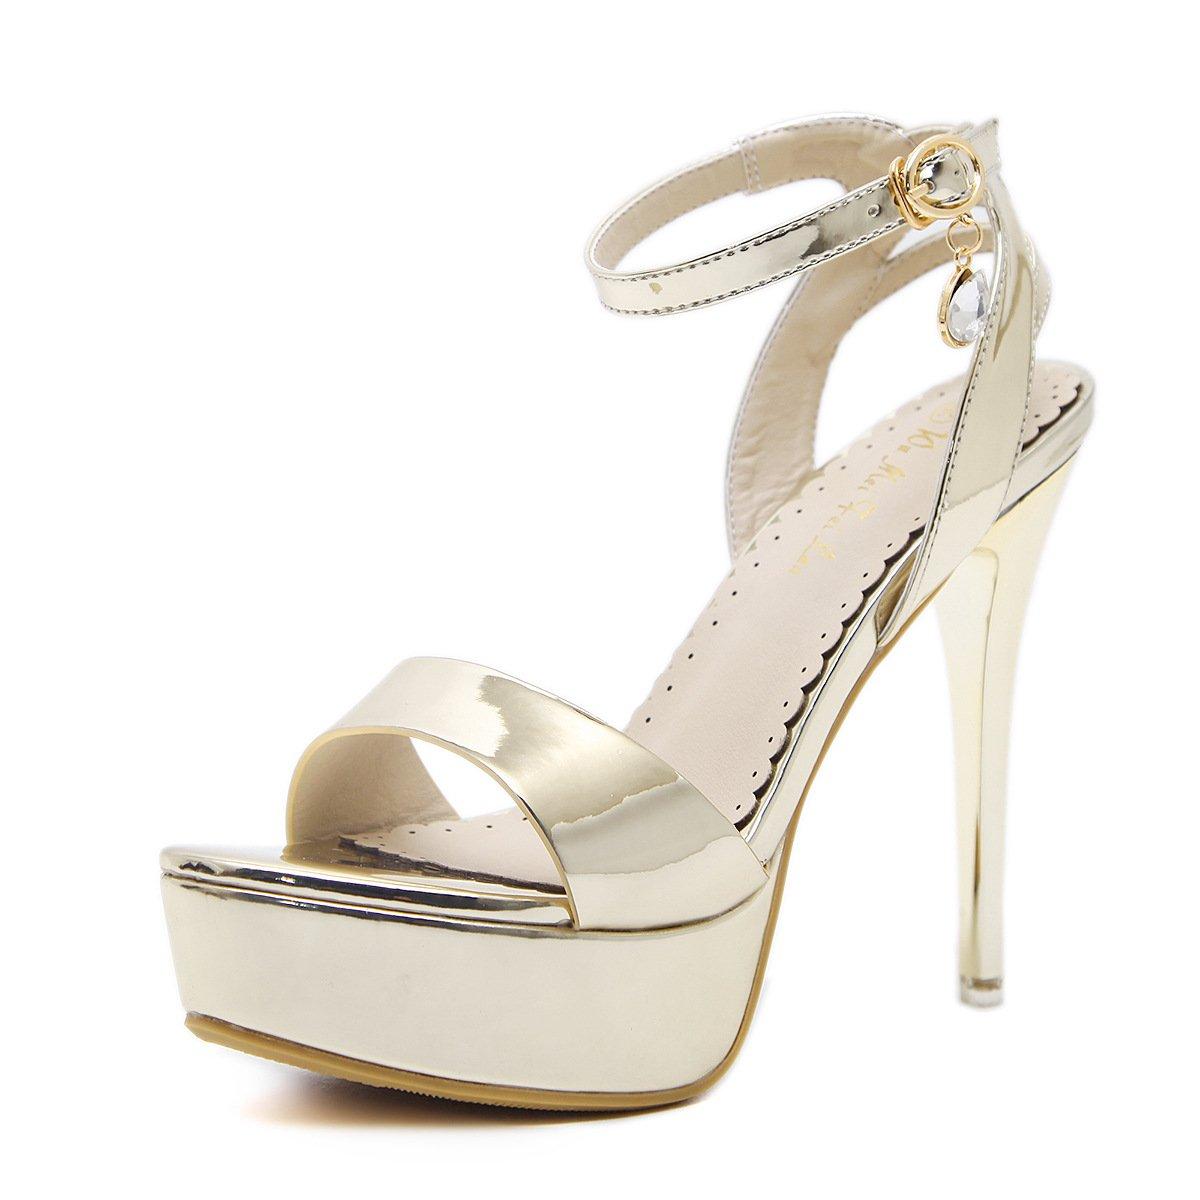 ZHZNVX Sandalen Sandalen Sandalen Weiblichen Walk Sommer Neu Sommer High Heels mit Dünnen Sexy Nachtleben der High-Heel Schuhe Gold 36 8ce33a